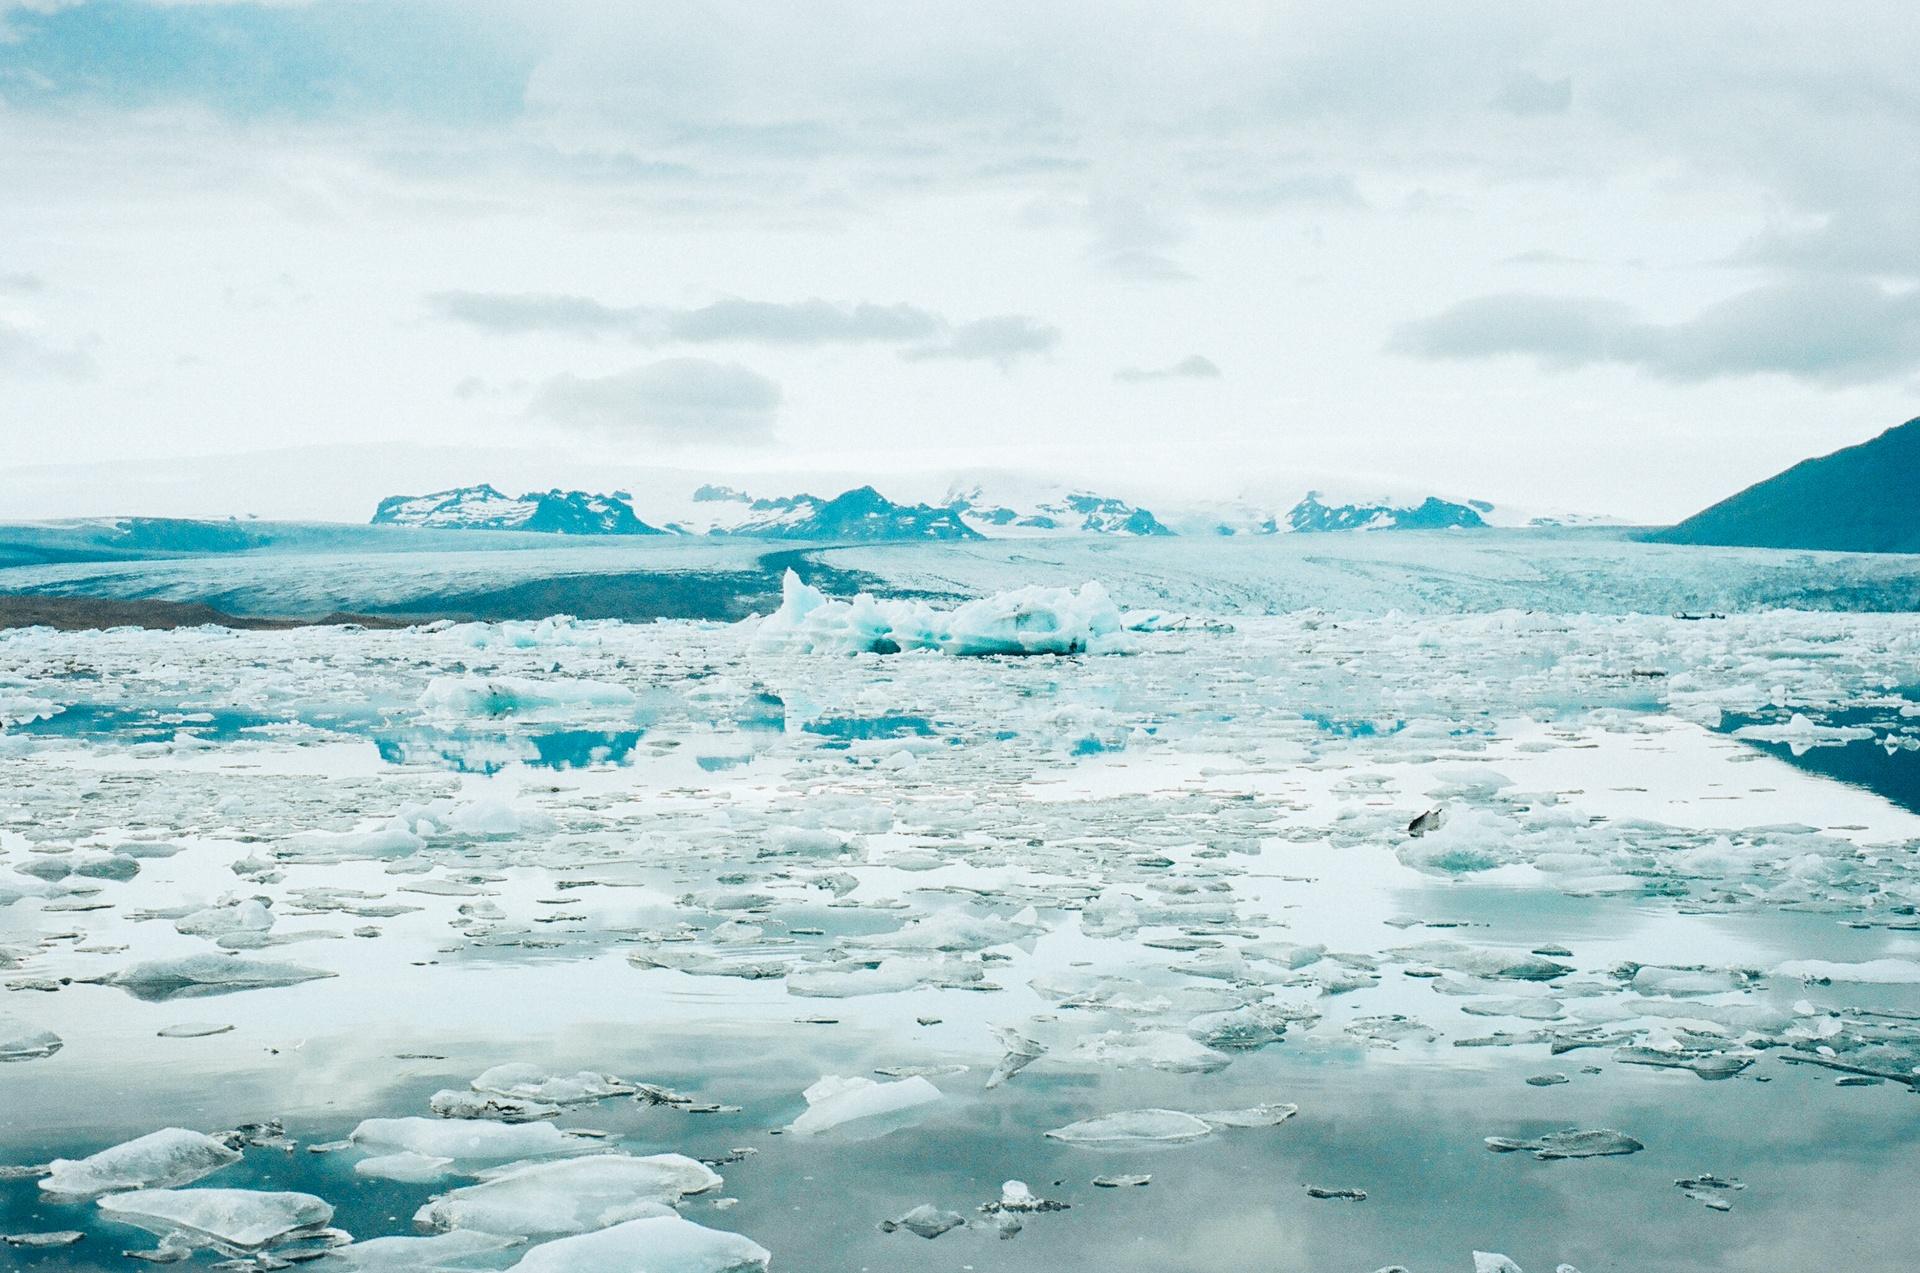 ijskappen smelten